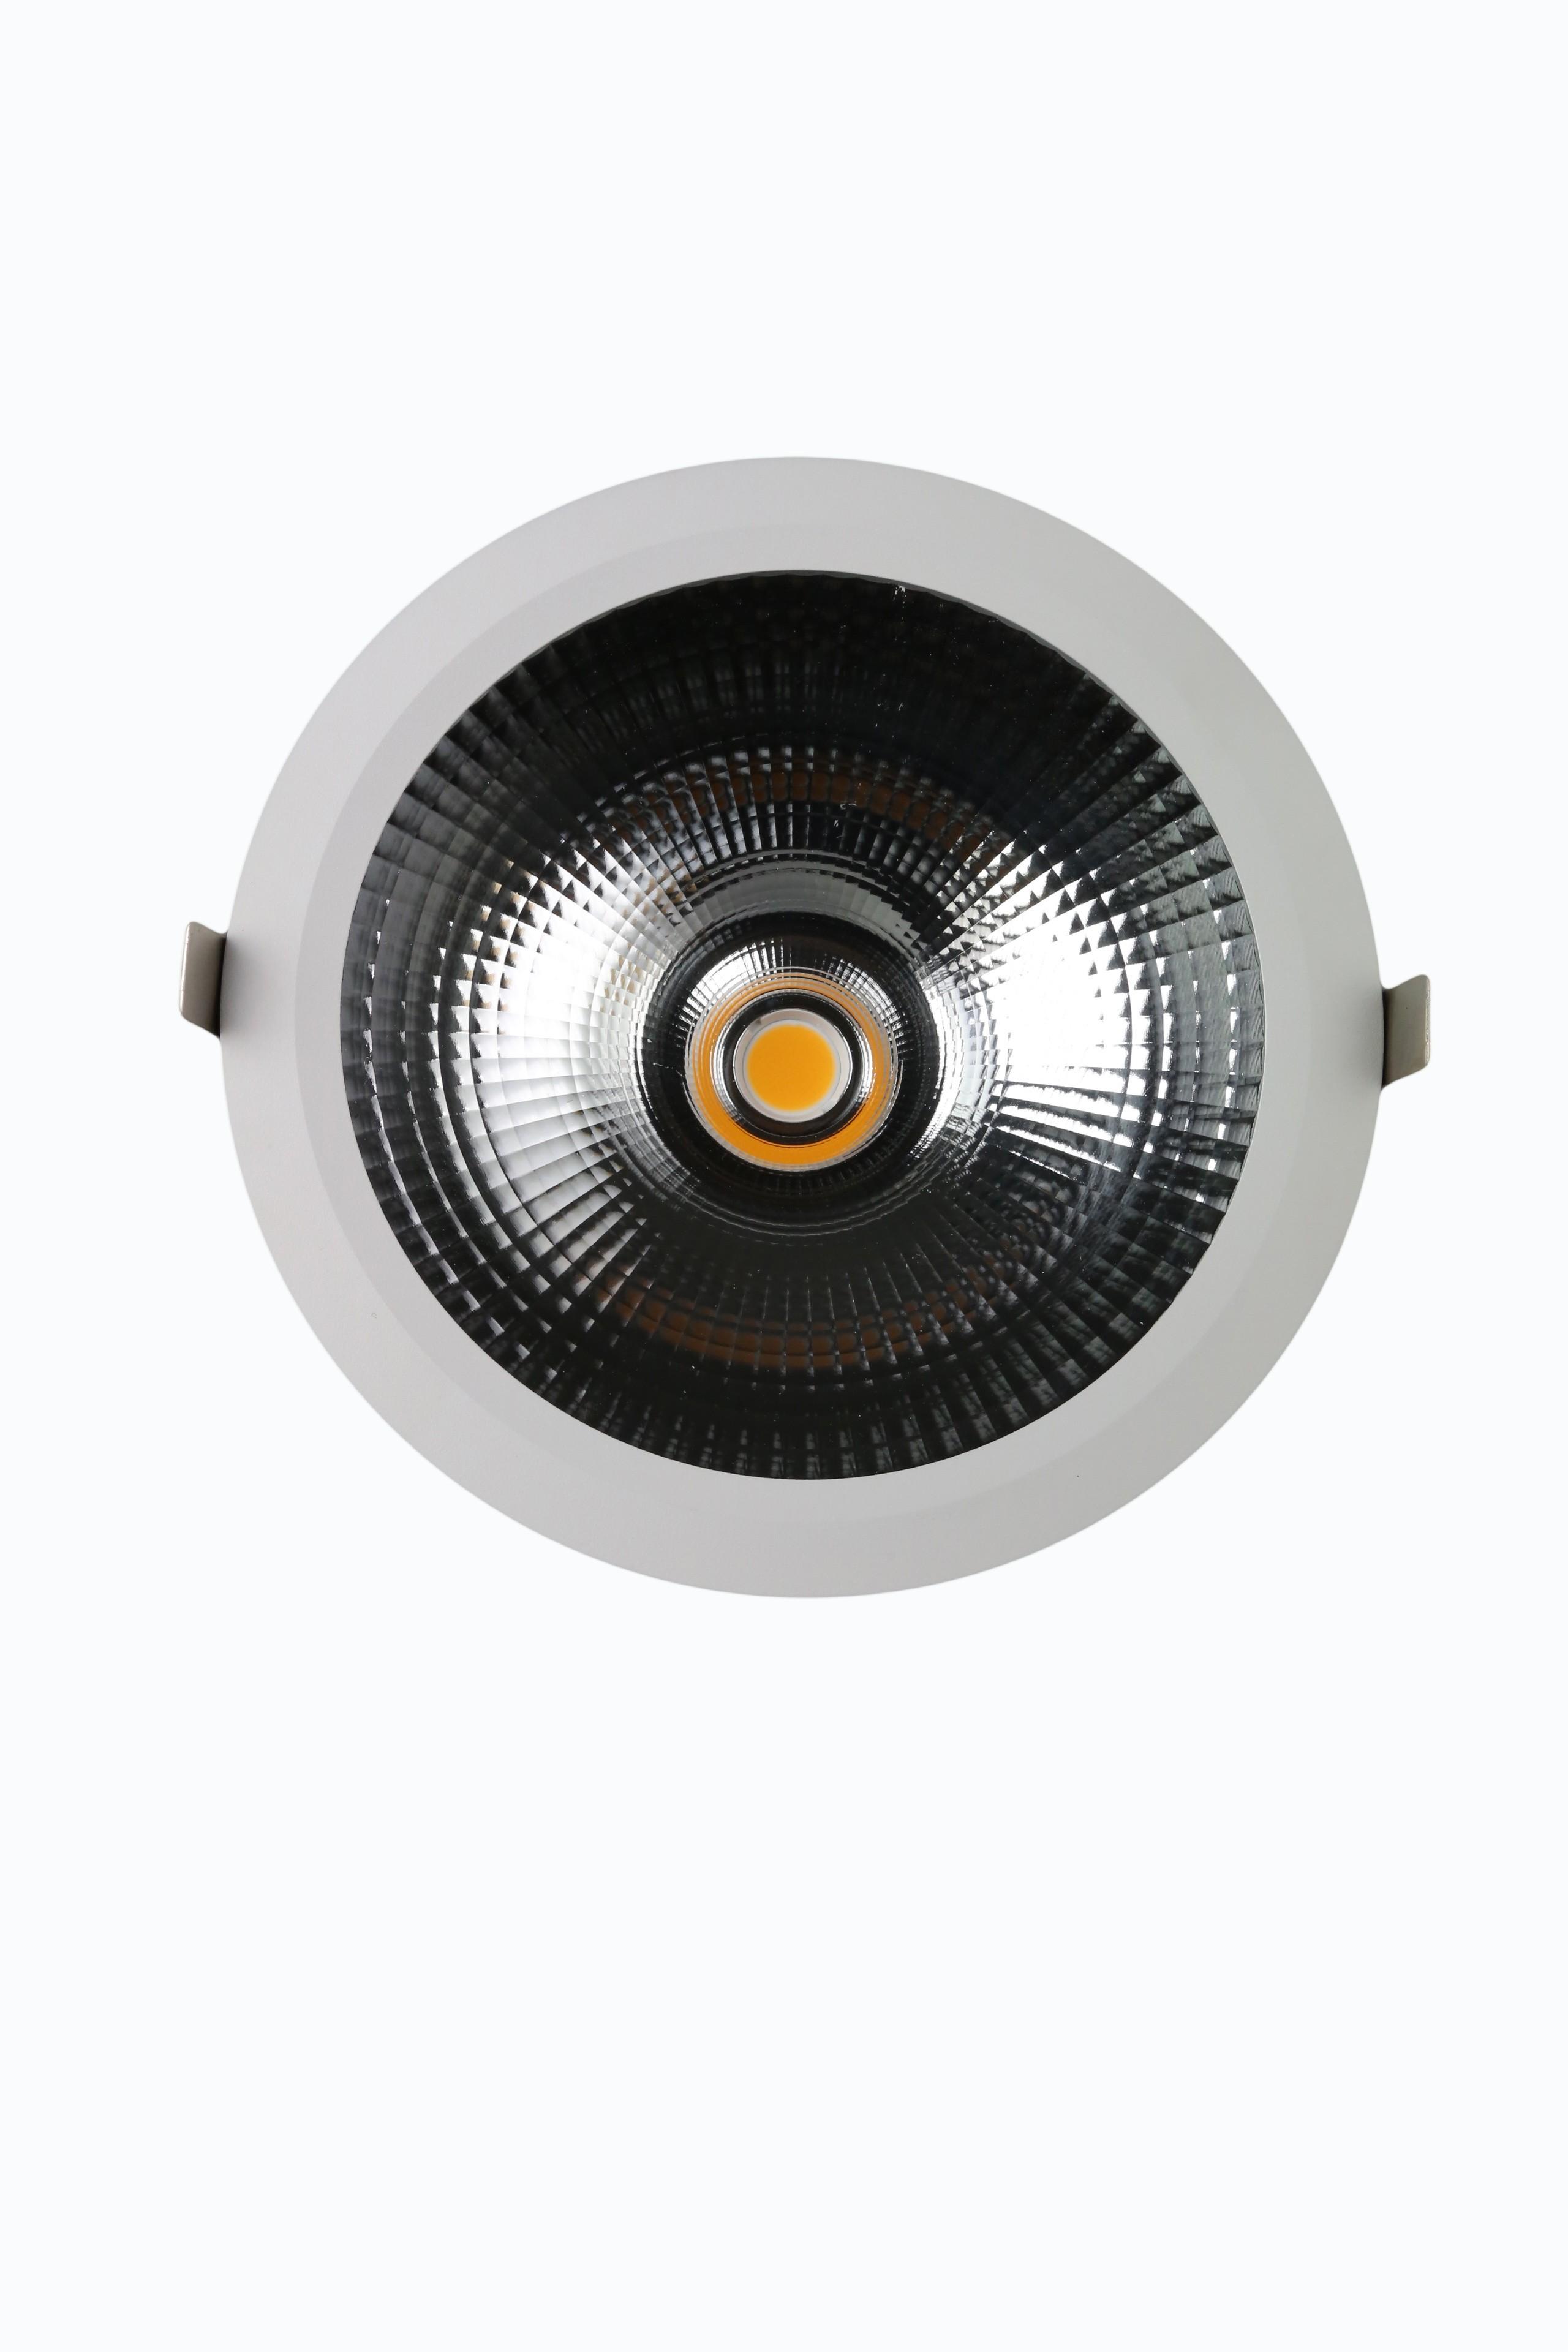 Eclairage Batiramax - Porte placard coulissante jumelé avec serrurier 75013